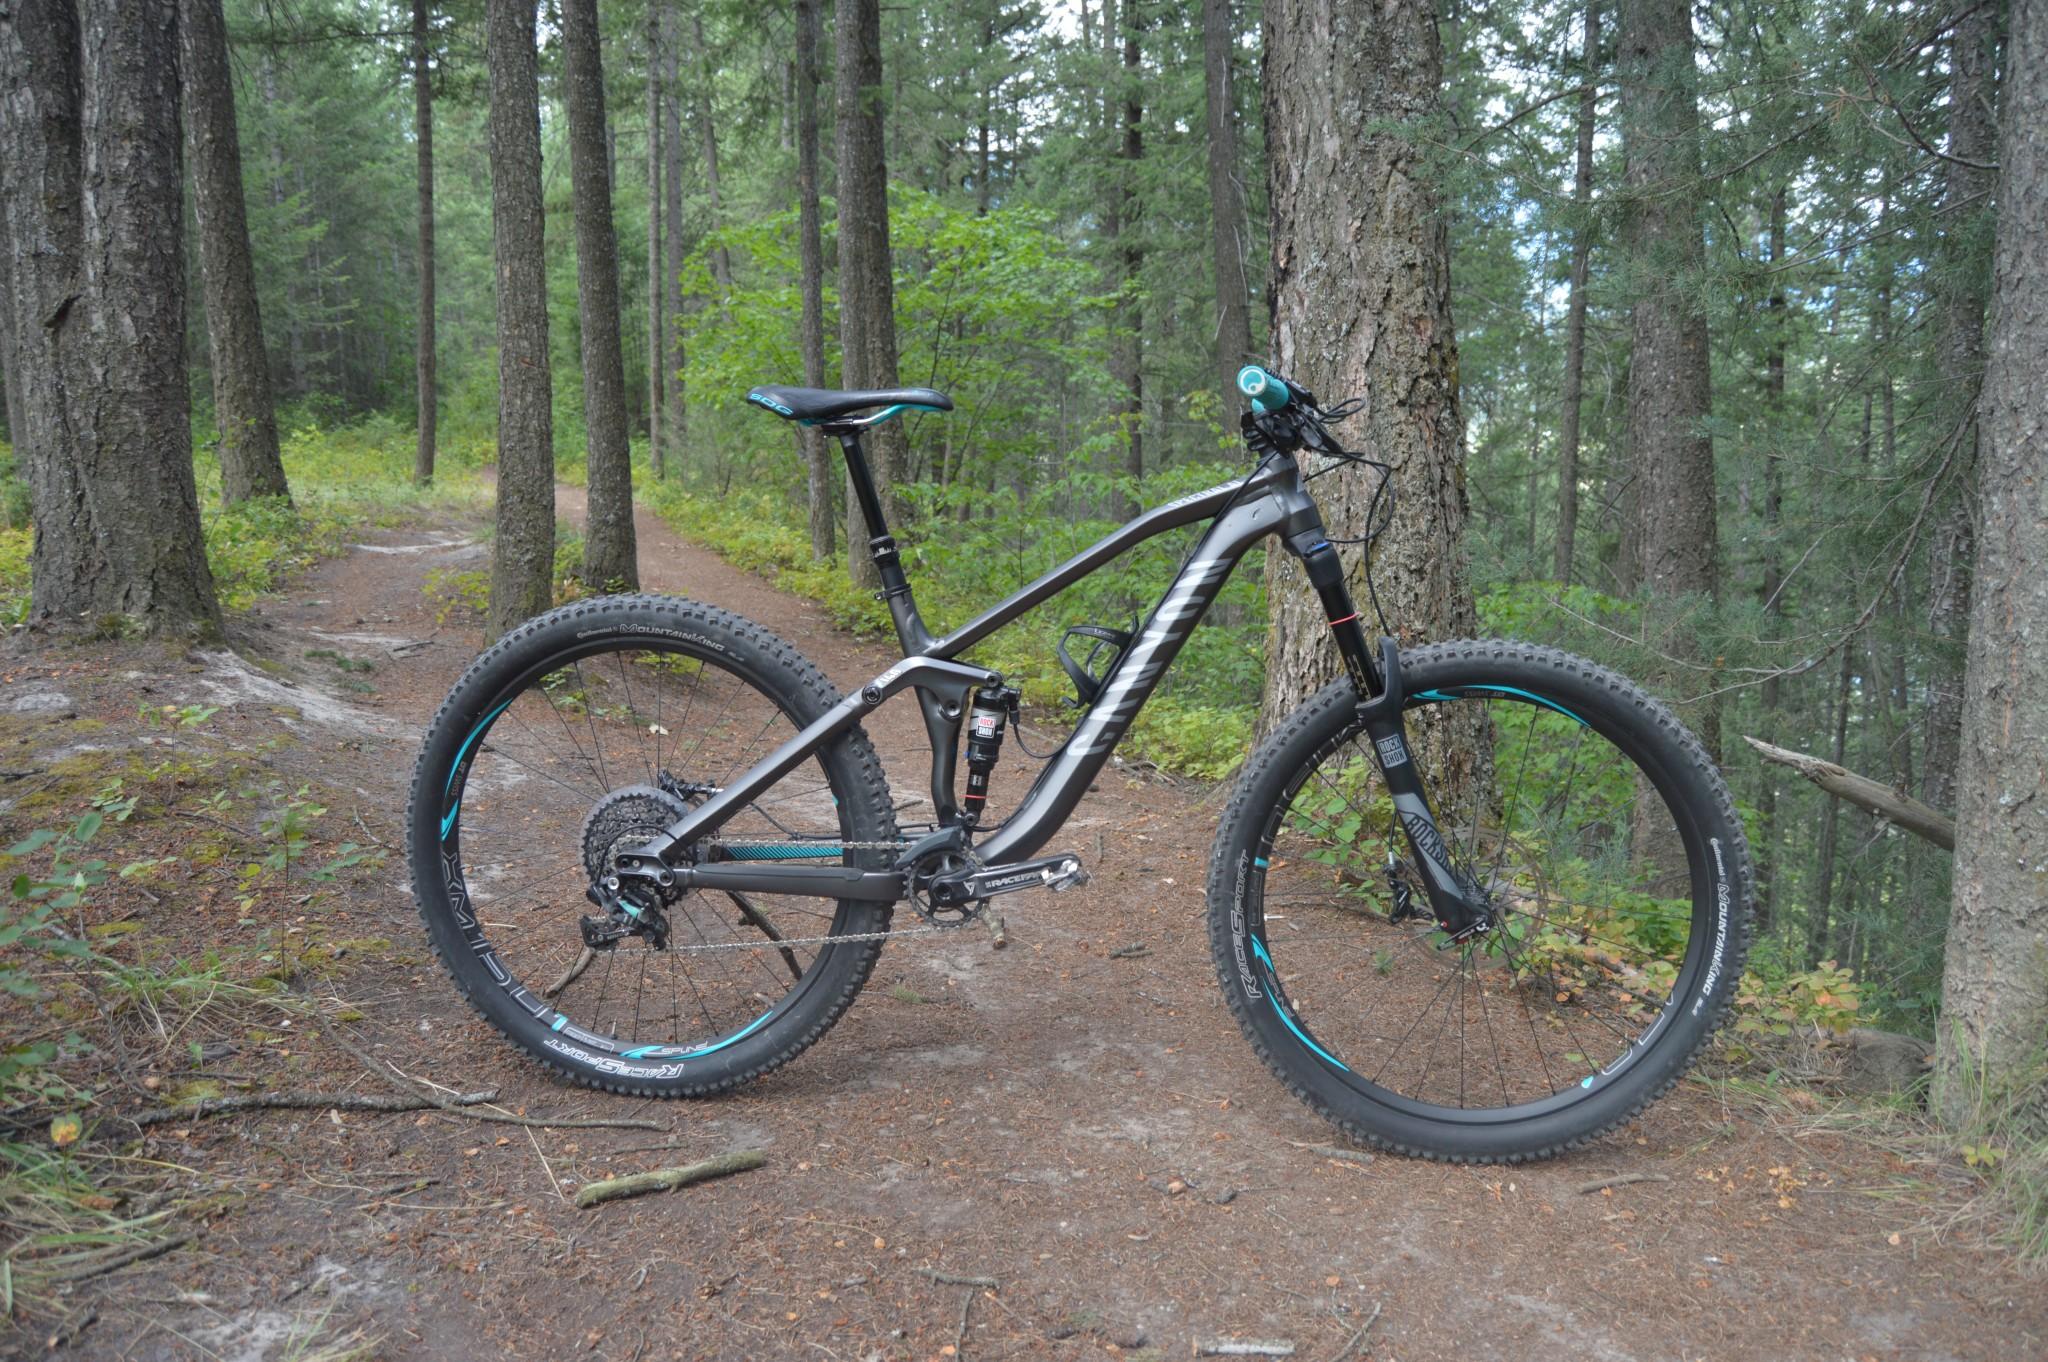 Canyon Bicycles Spectral AL 8 0 EX WMN 2016 | Mountain Bike Reviews